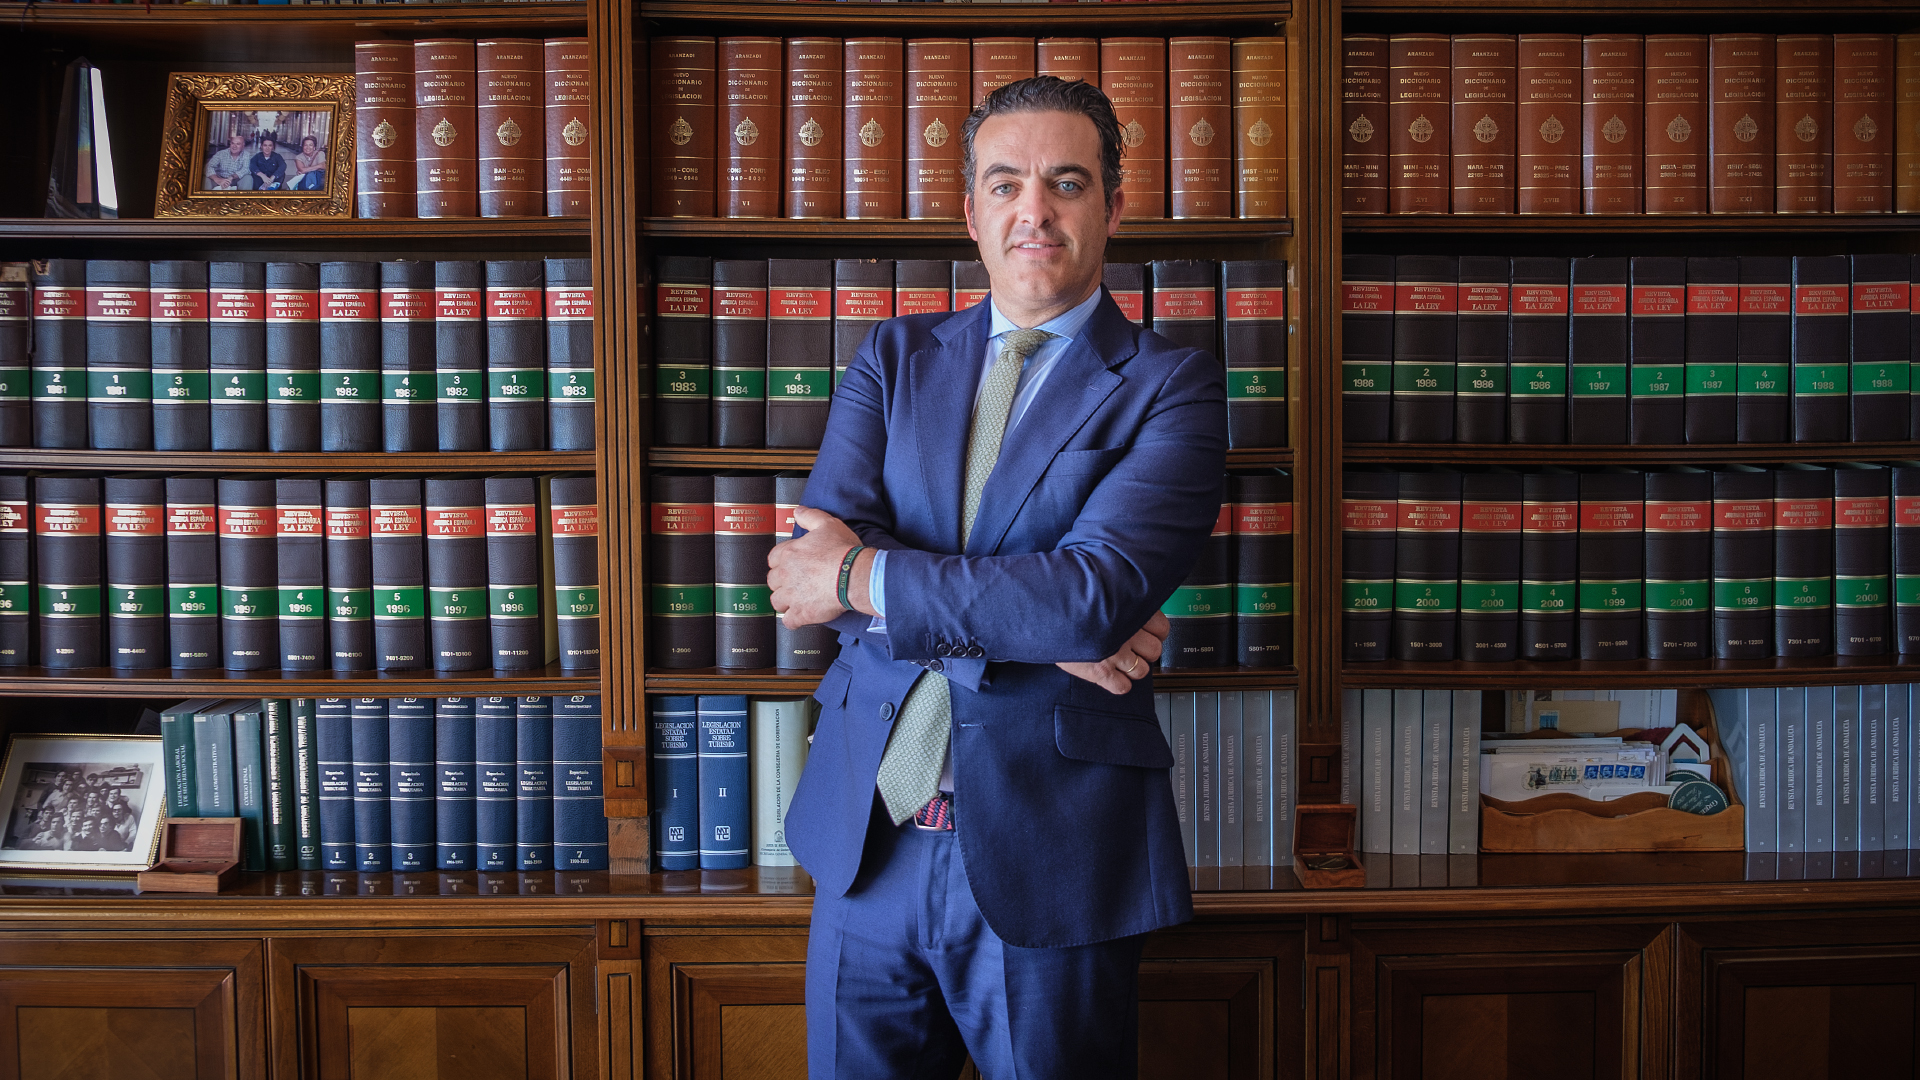 Manuel Garrido González en la biblioteca del despacho de AIC ABOGADOS